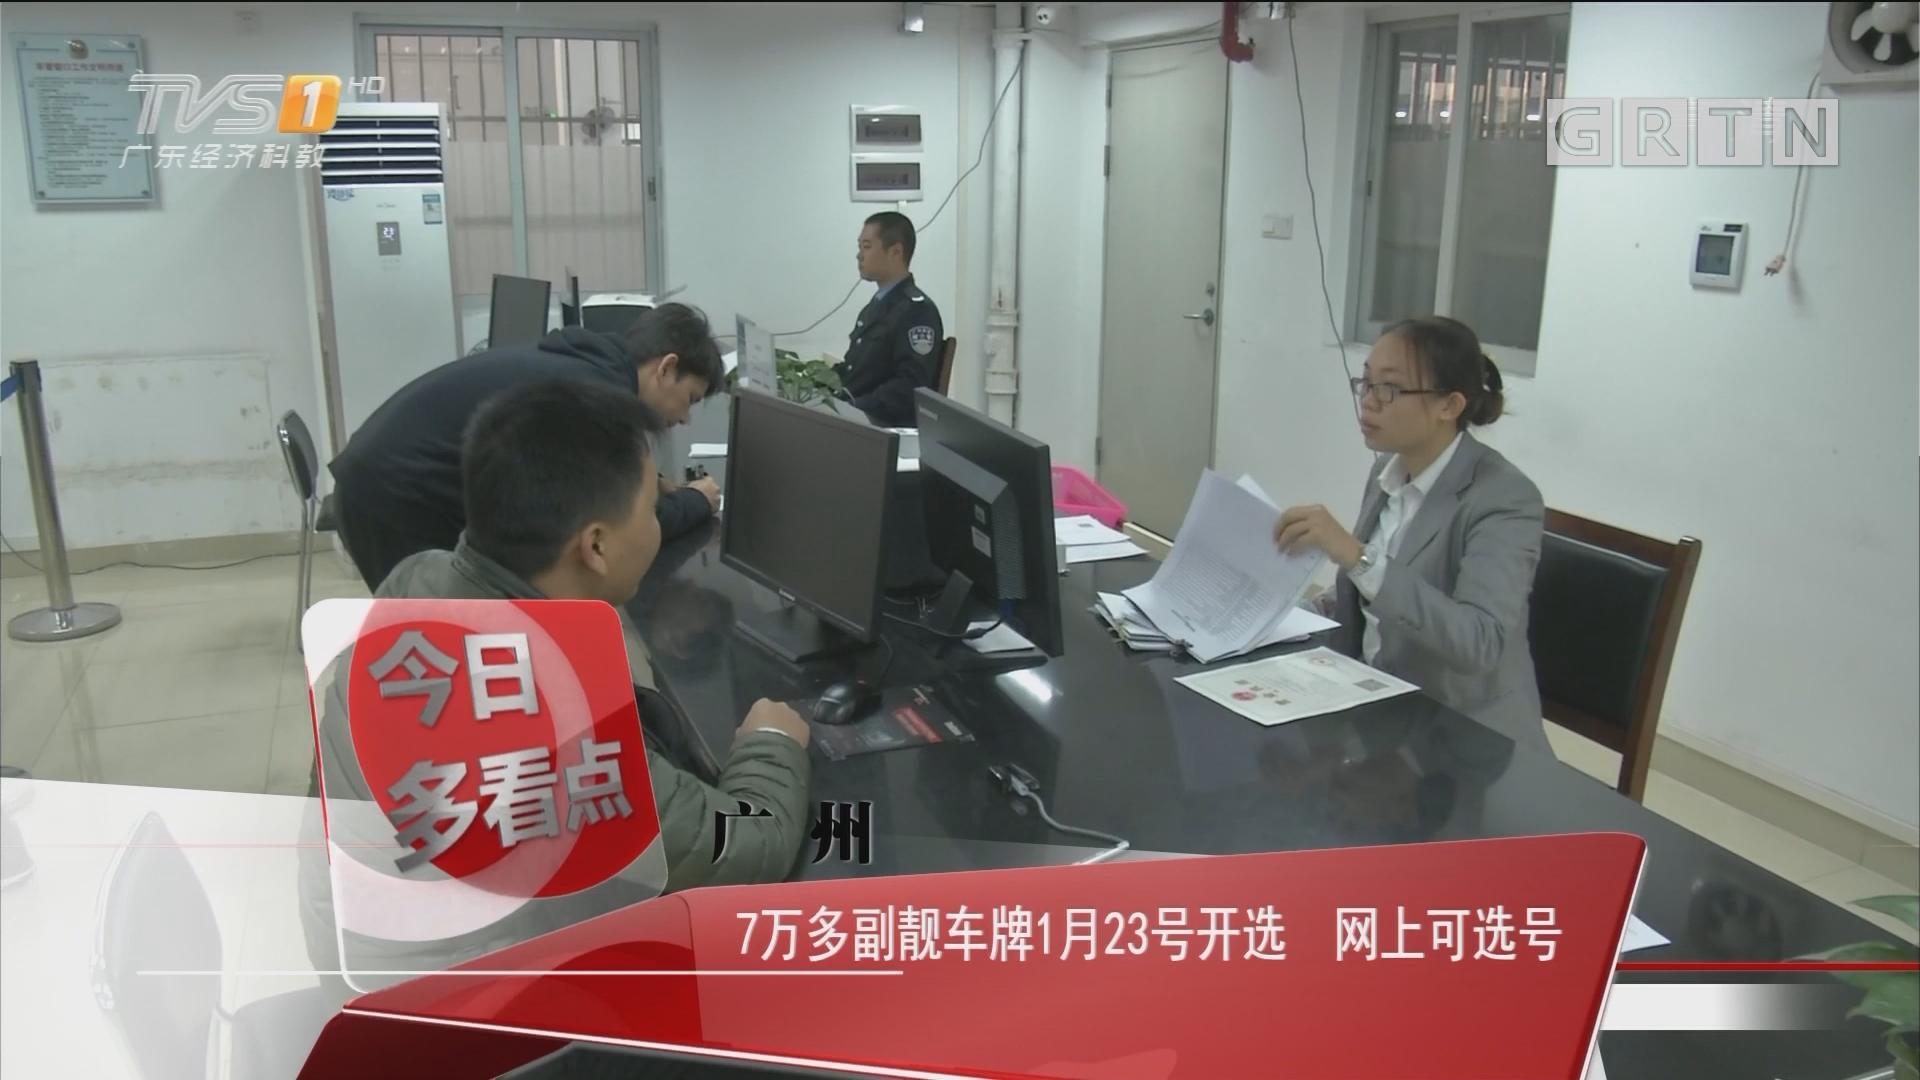 广州:7万多副靓车牌1月23号开选 网上可选号